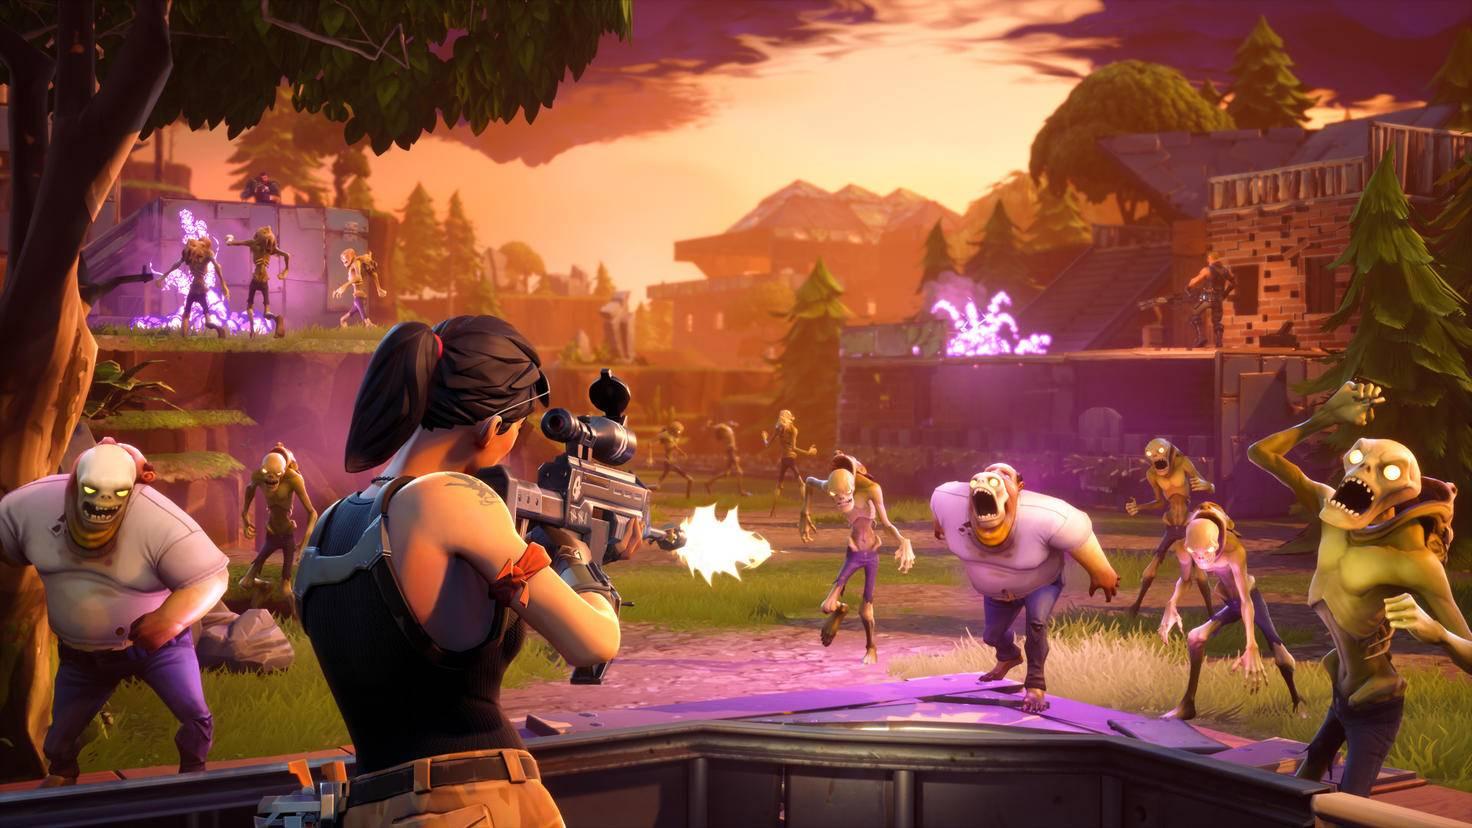 in fortnite rette die welt kampfen die spieler zusammen gegen zombies in - fortnite spiel ab welchem alter